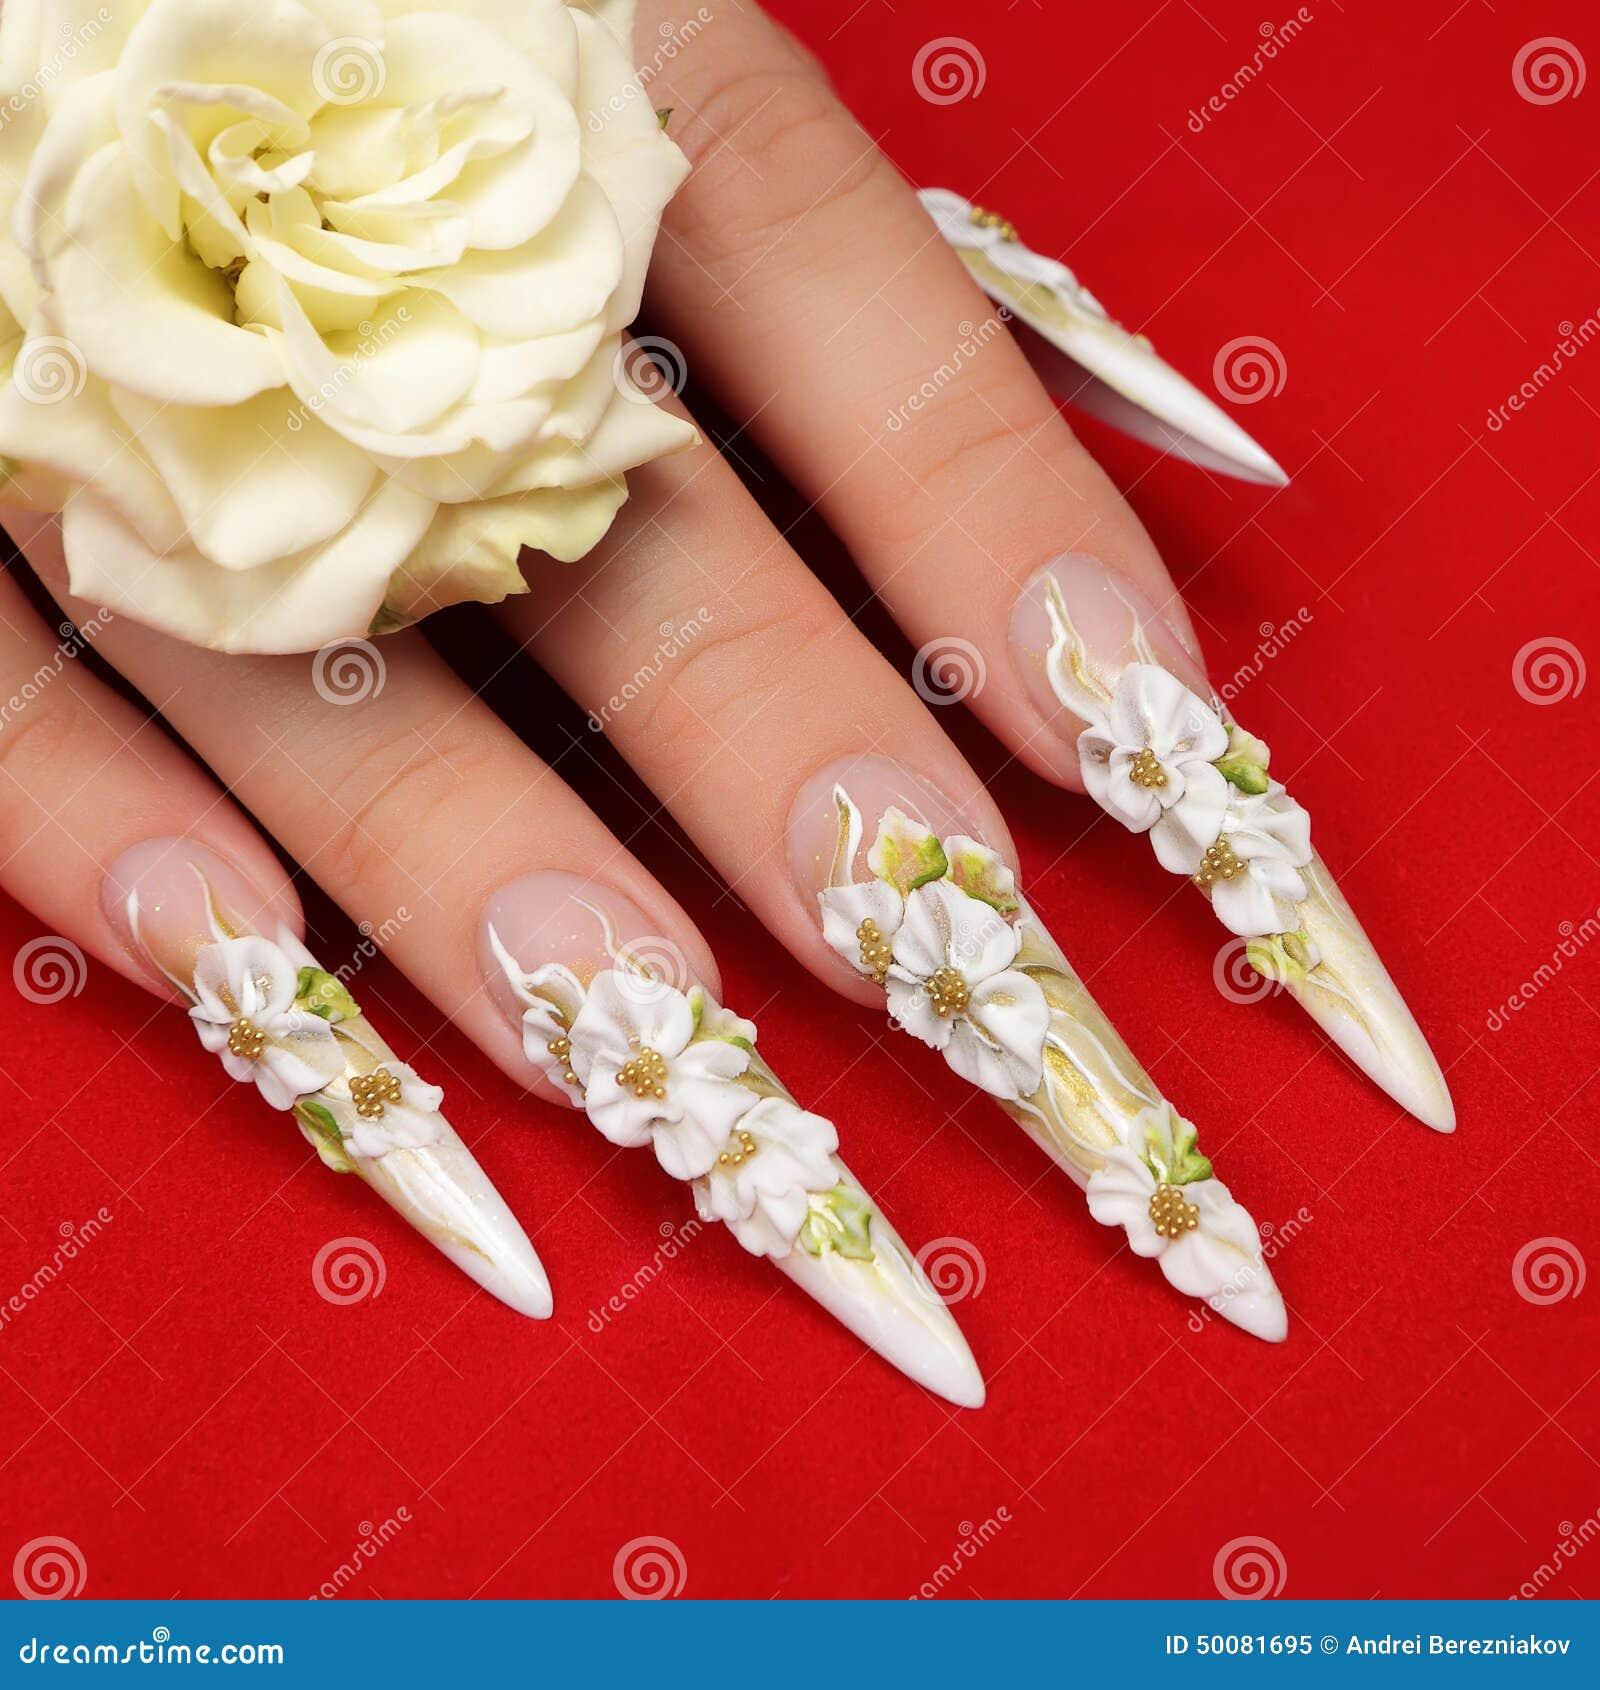 Wedding nails design. stock image. Image of decoration - 50081695